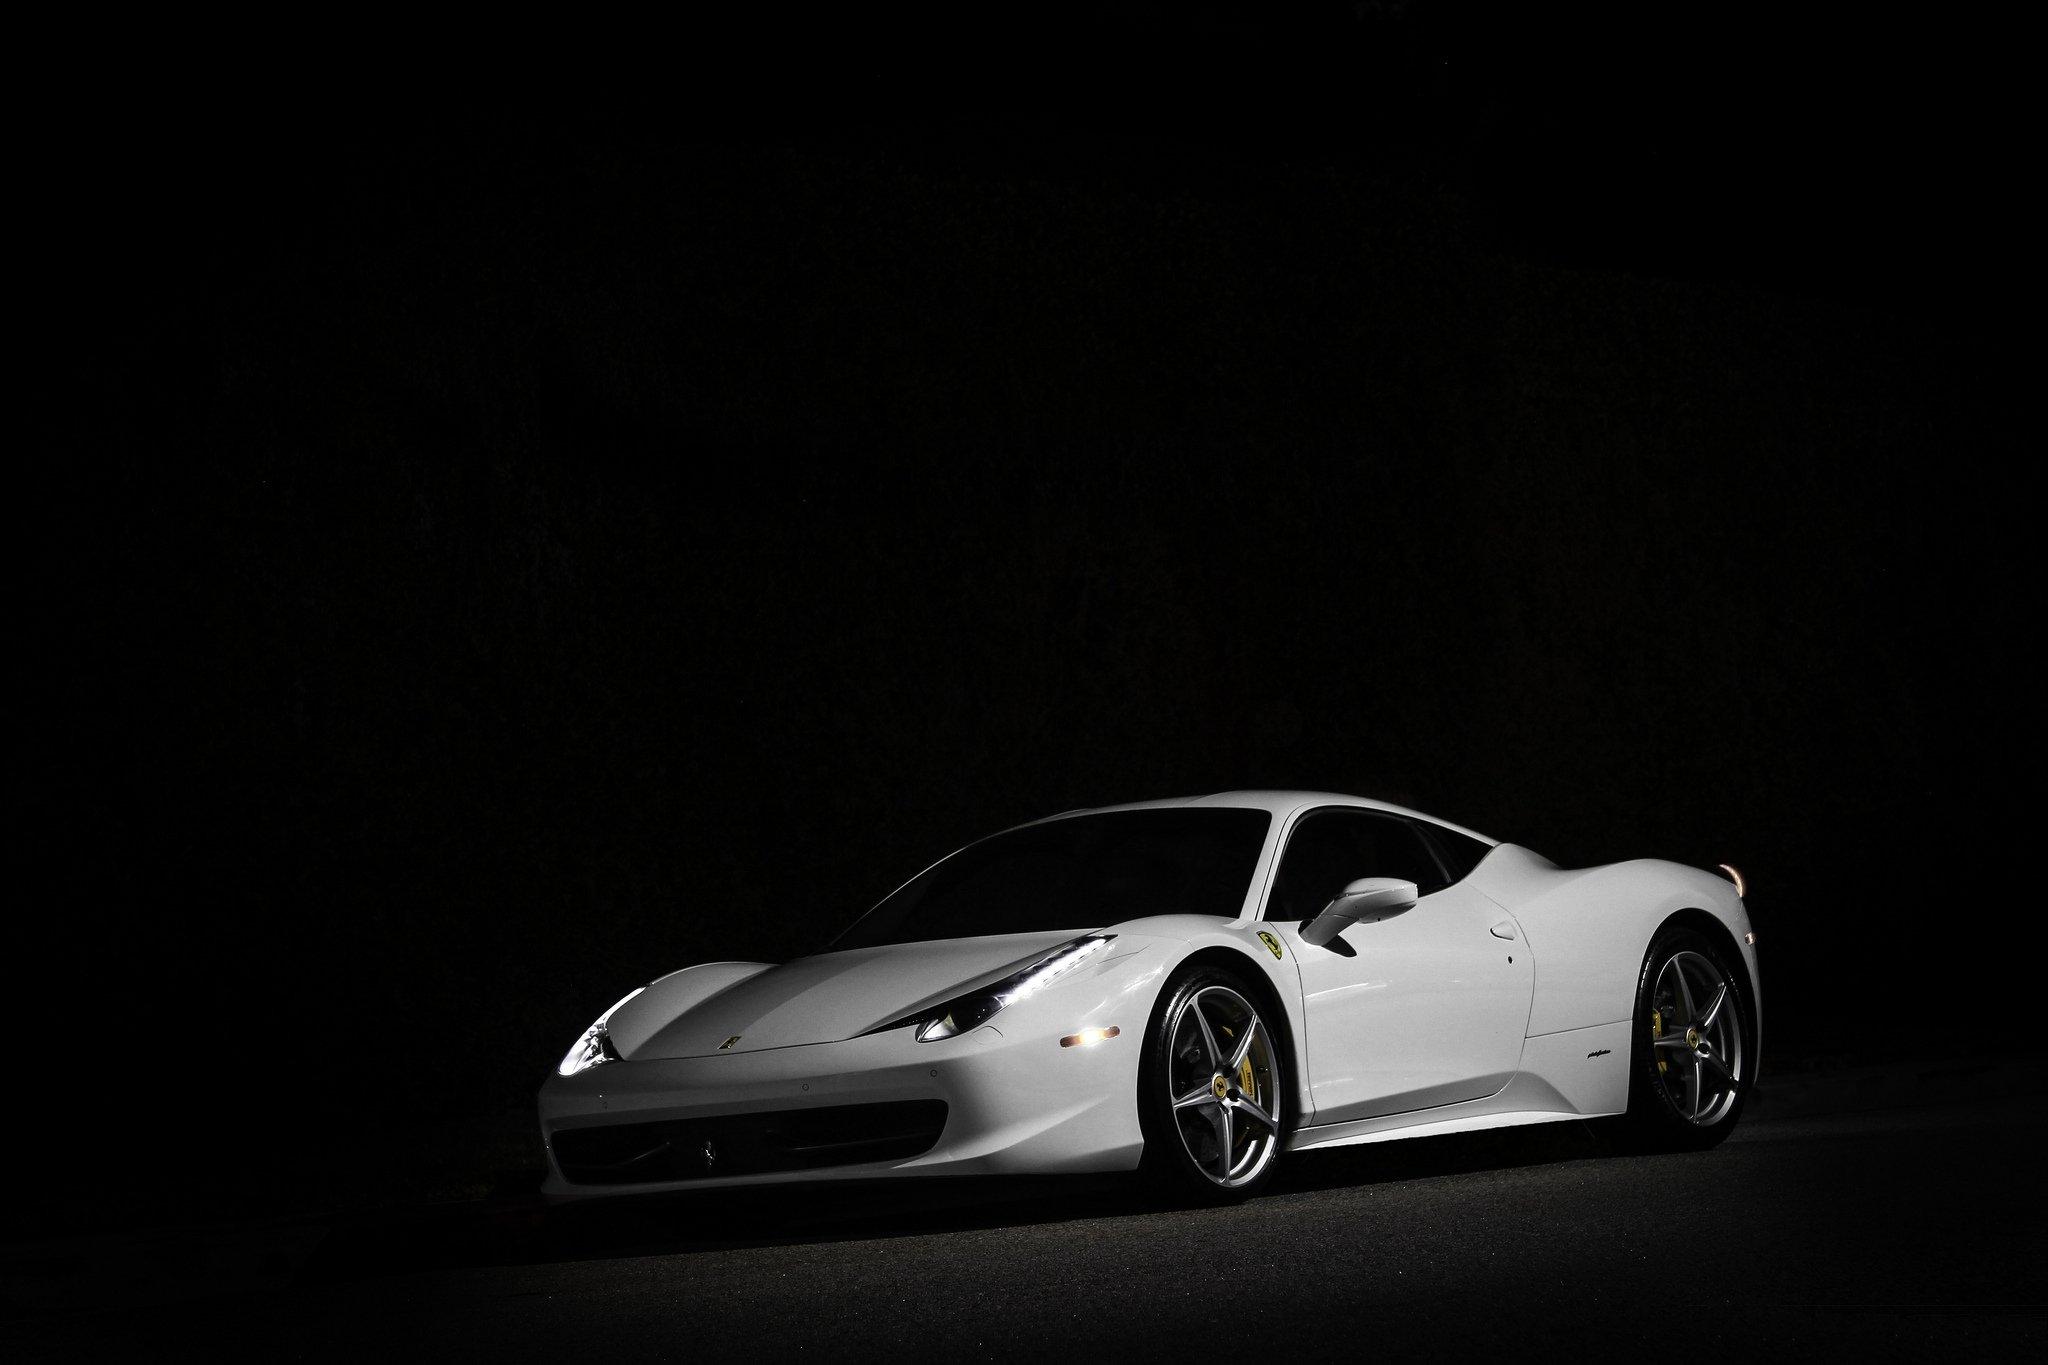 картинки с автомобилями на черном фоне бездушному предмету